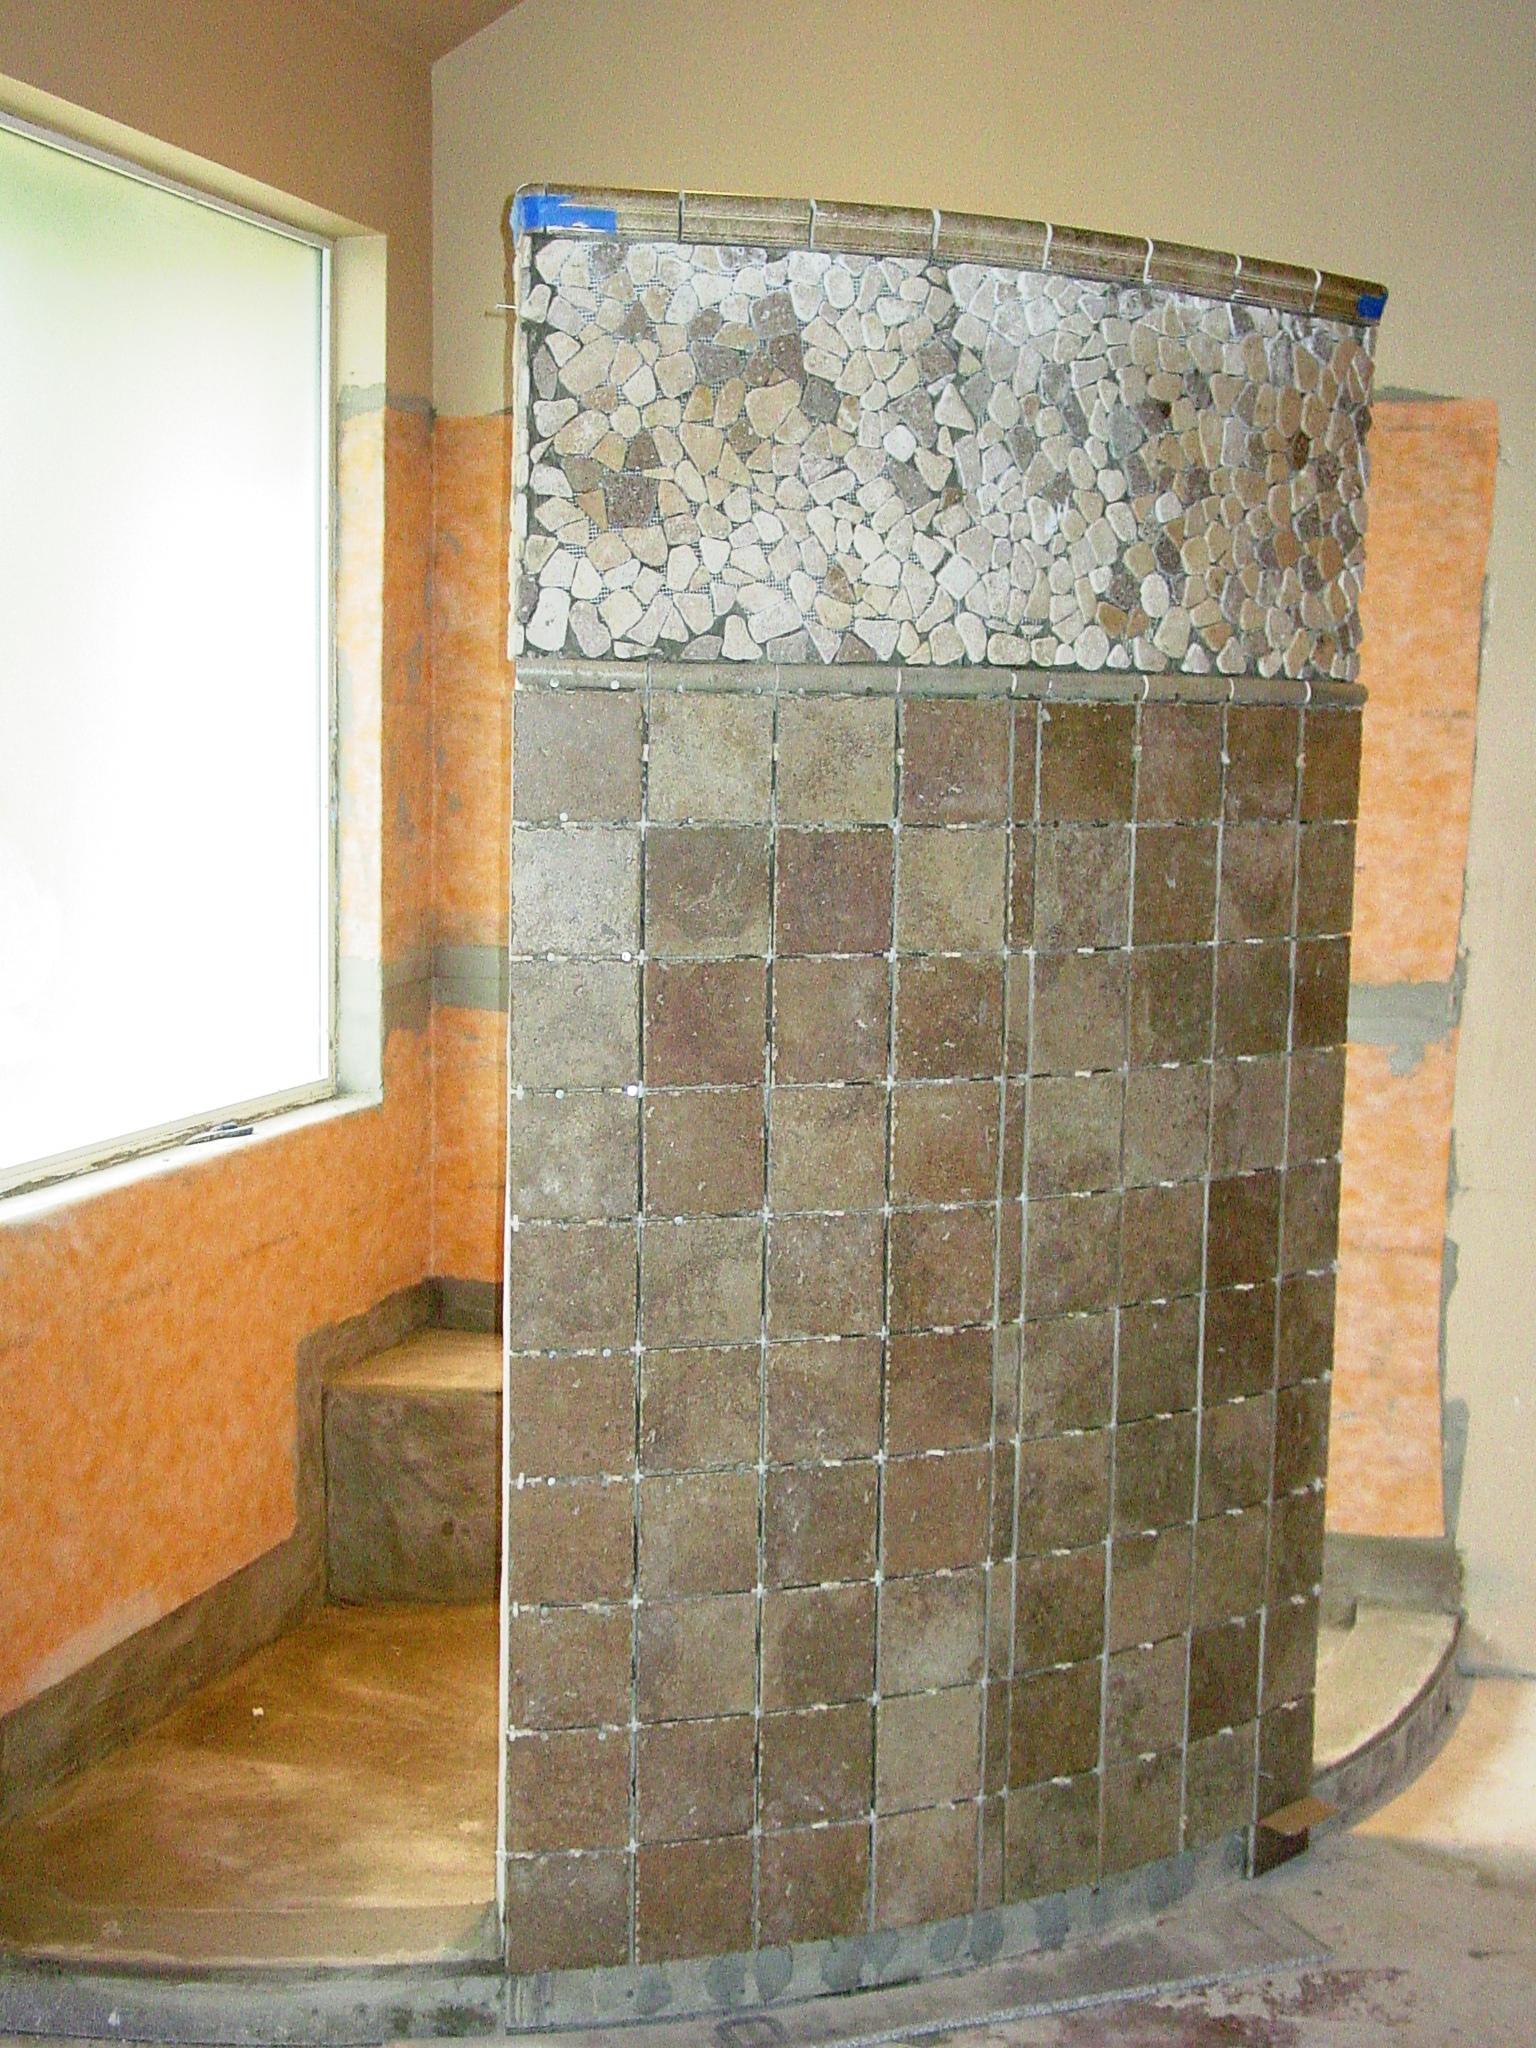 408 LL - Tile, Shower Wall.jpg